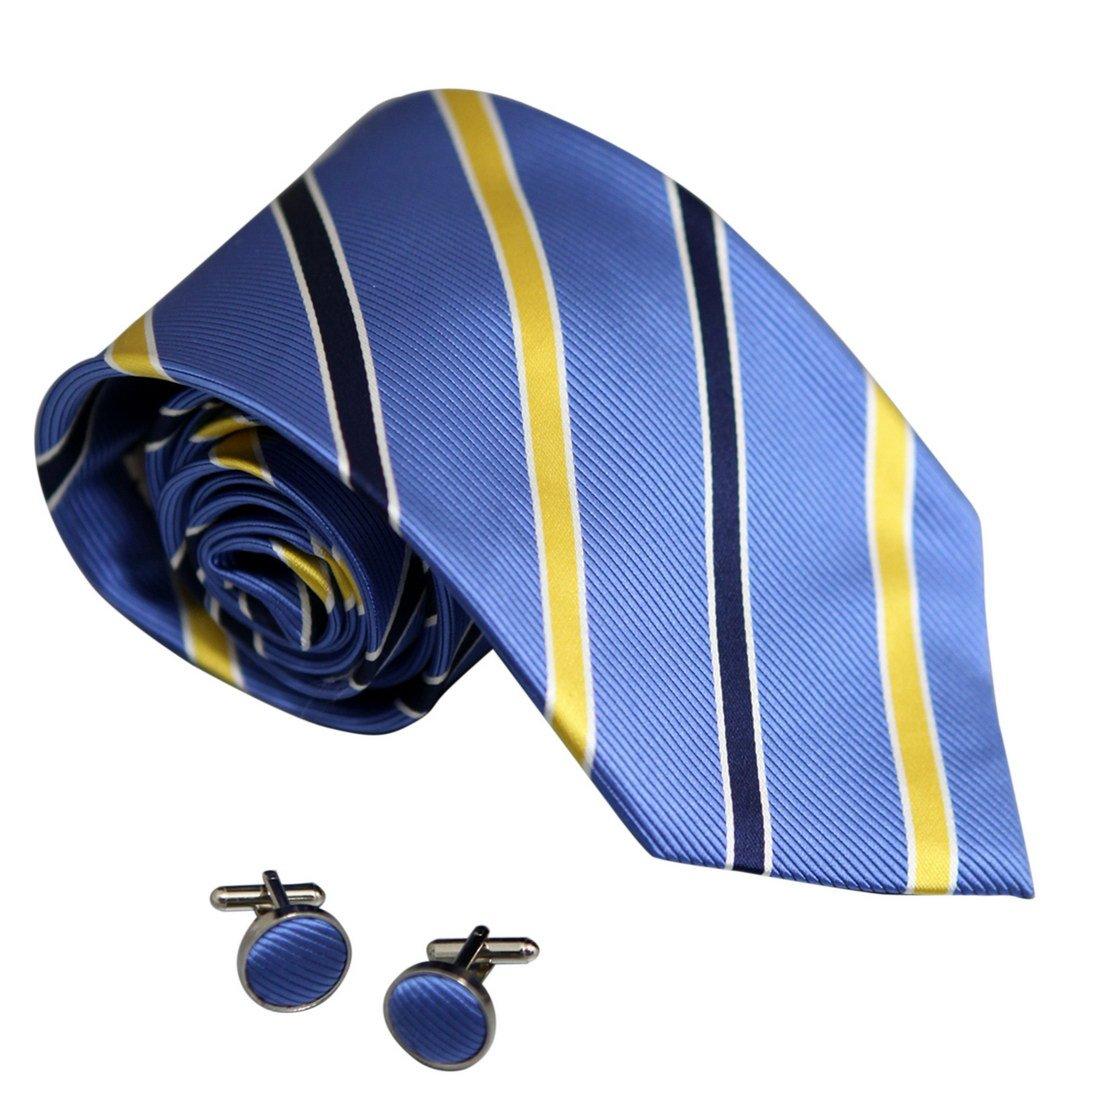 8093 Royal Blue Striped Popular Beautiful Silk Neckties Cufflinks Set By Y&G